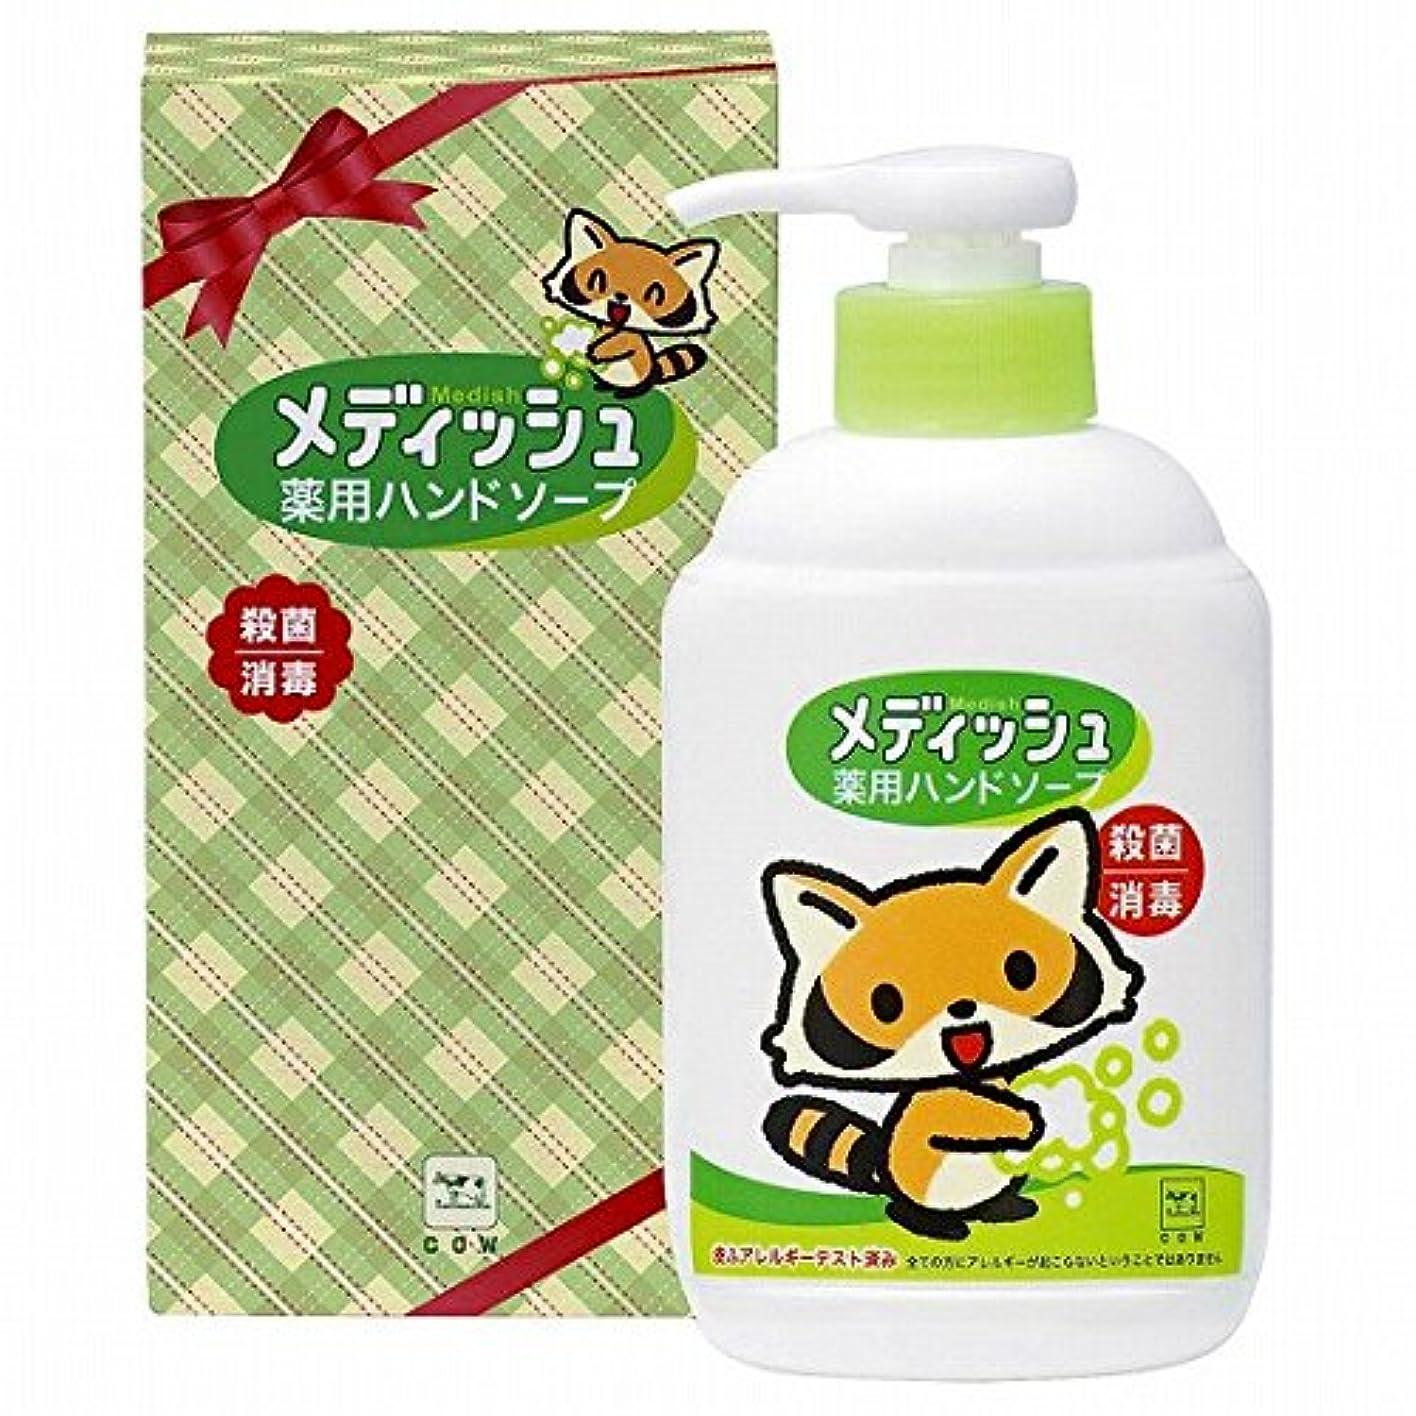 切り離す協定選択するnobrand 牛乳石鹸 メディッシュ 薬用ハンドソープ 250ml 箱入(MS35)